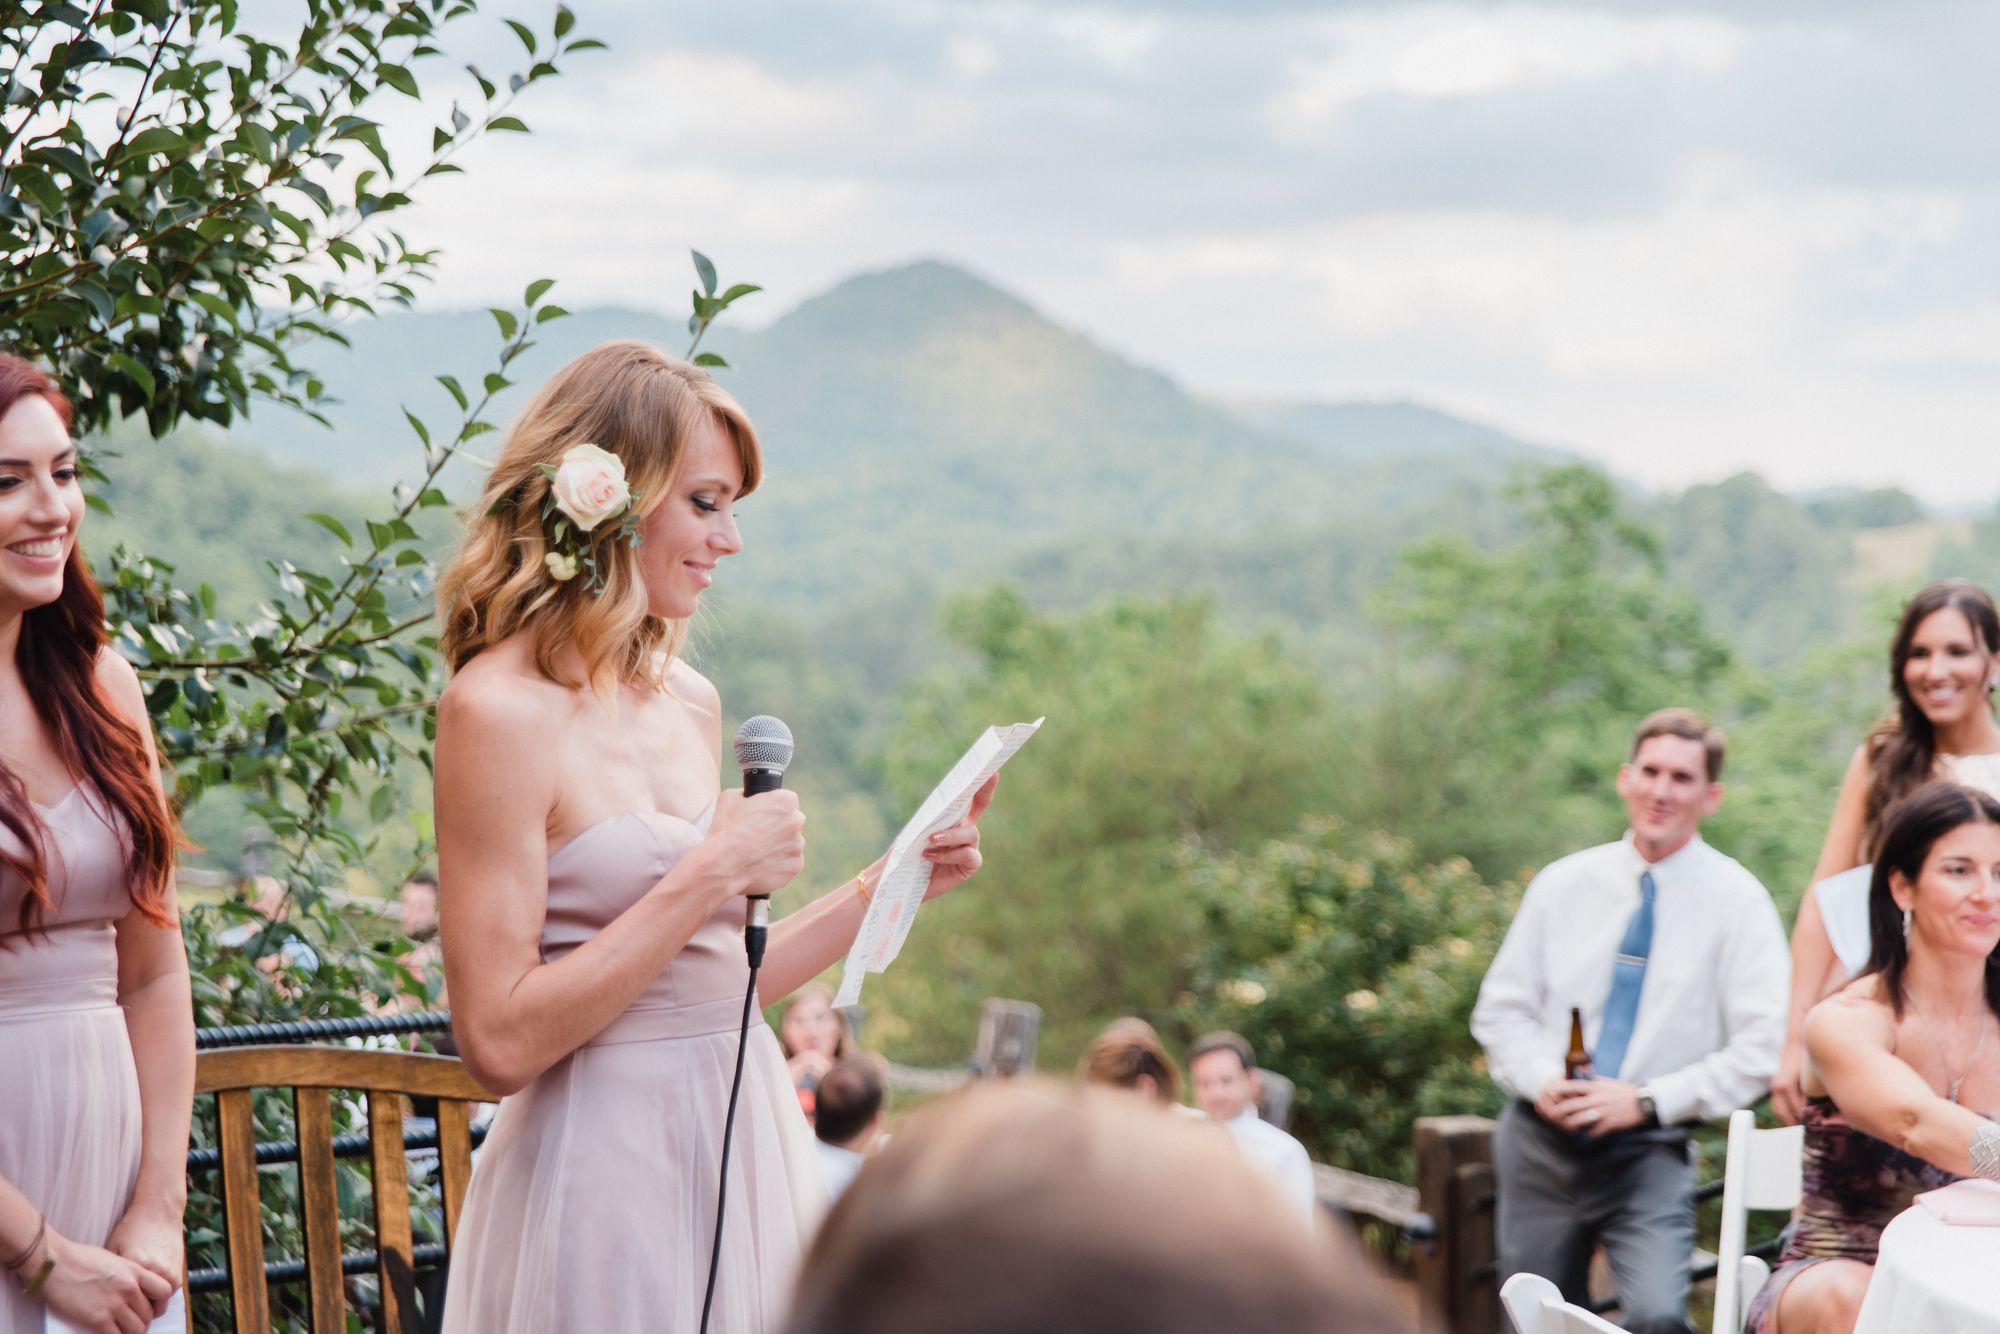 castle-ladyhawke-destination-wedding 65